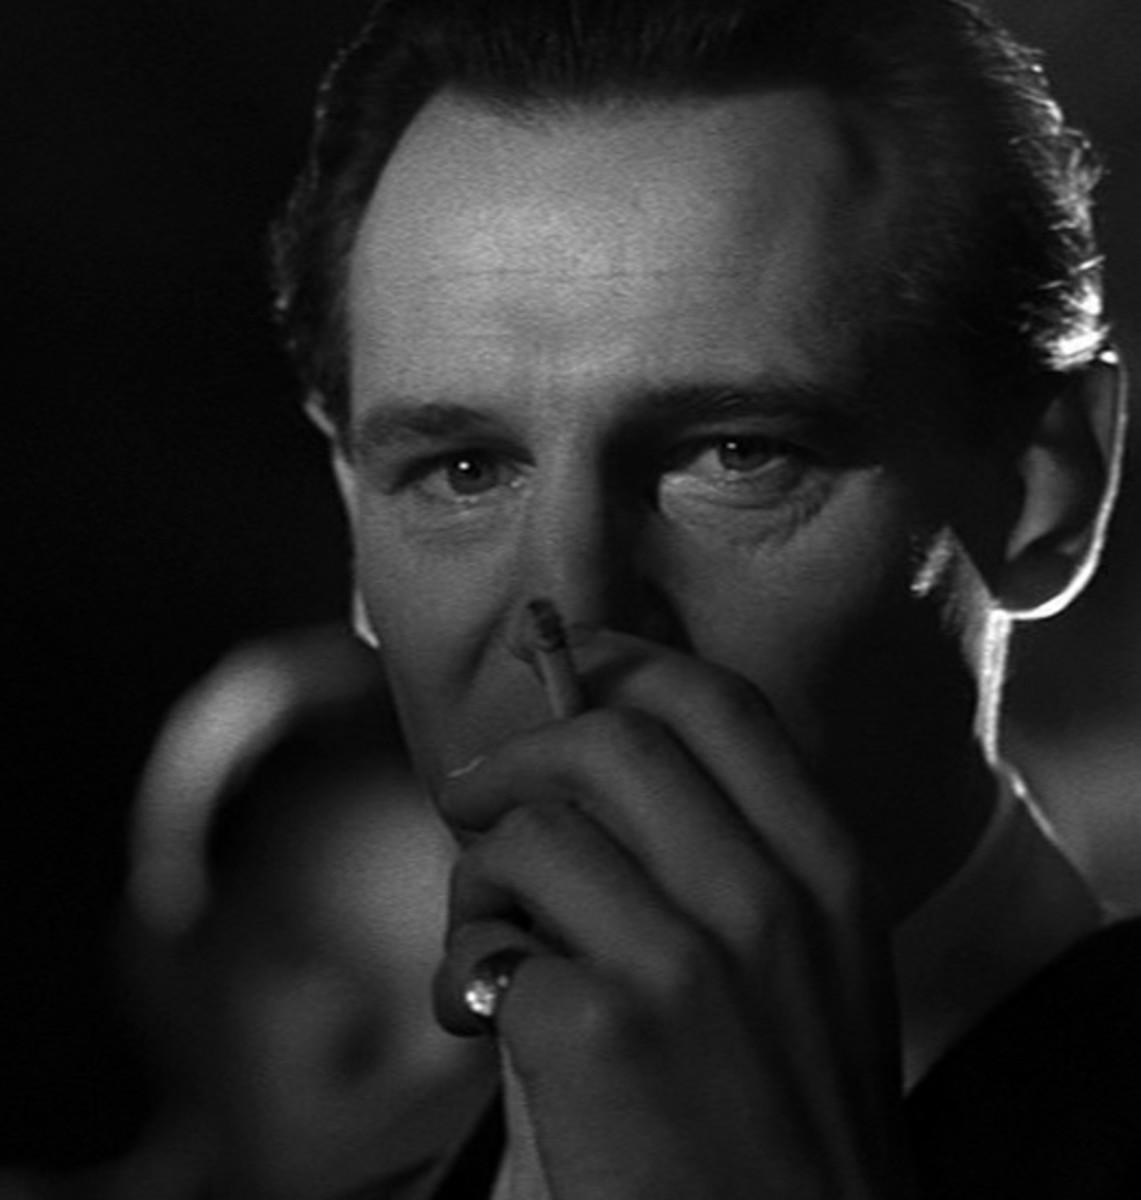 Liam Neeson in Schindler's List (1993)